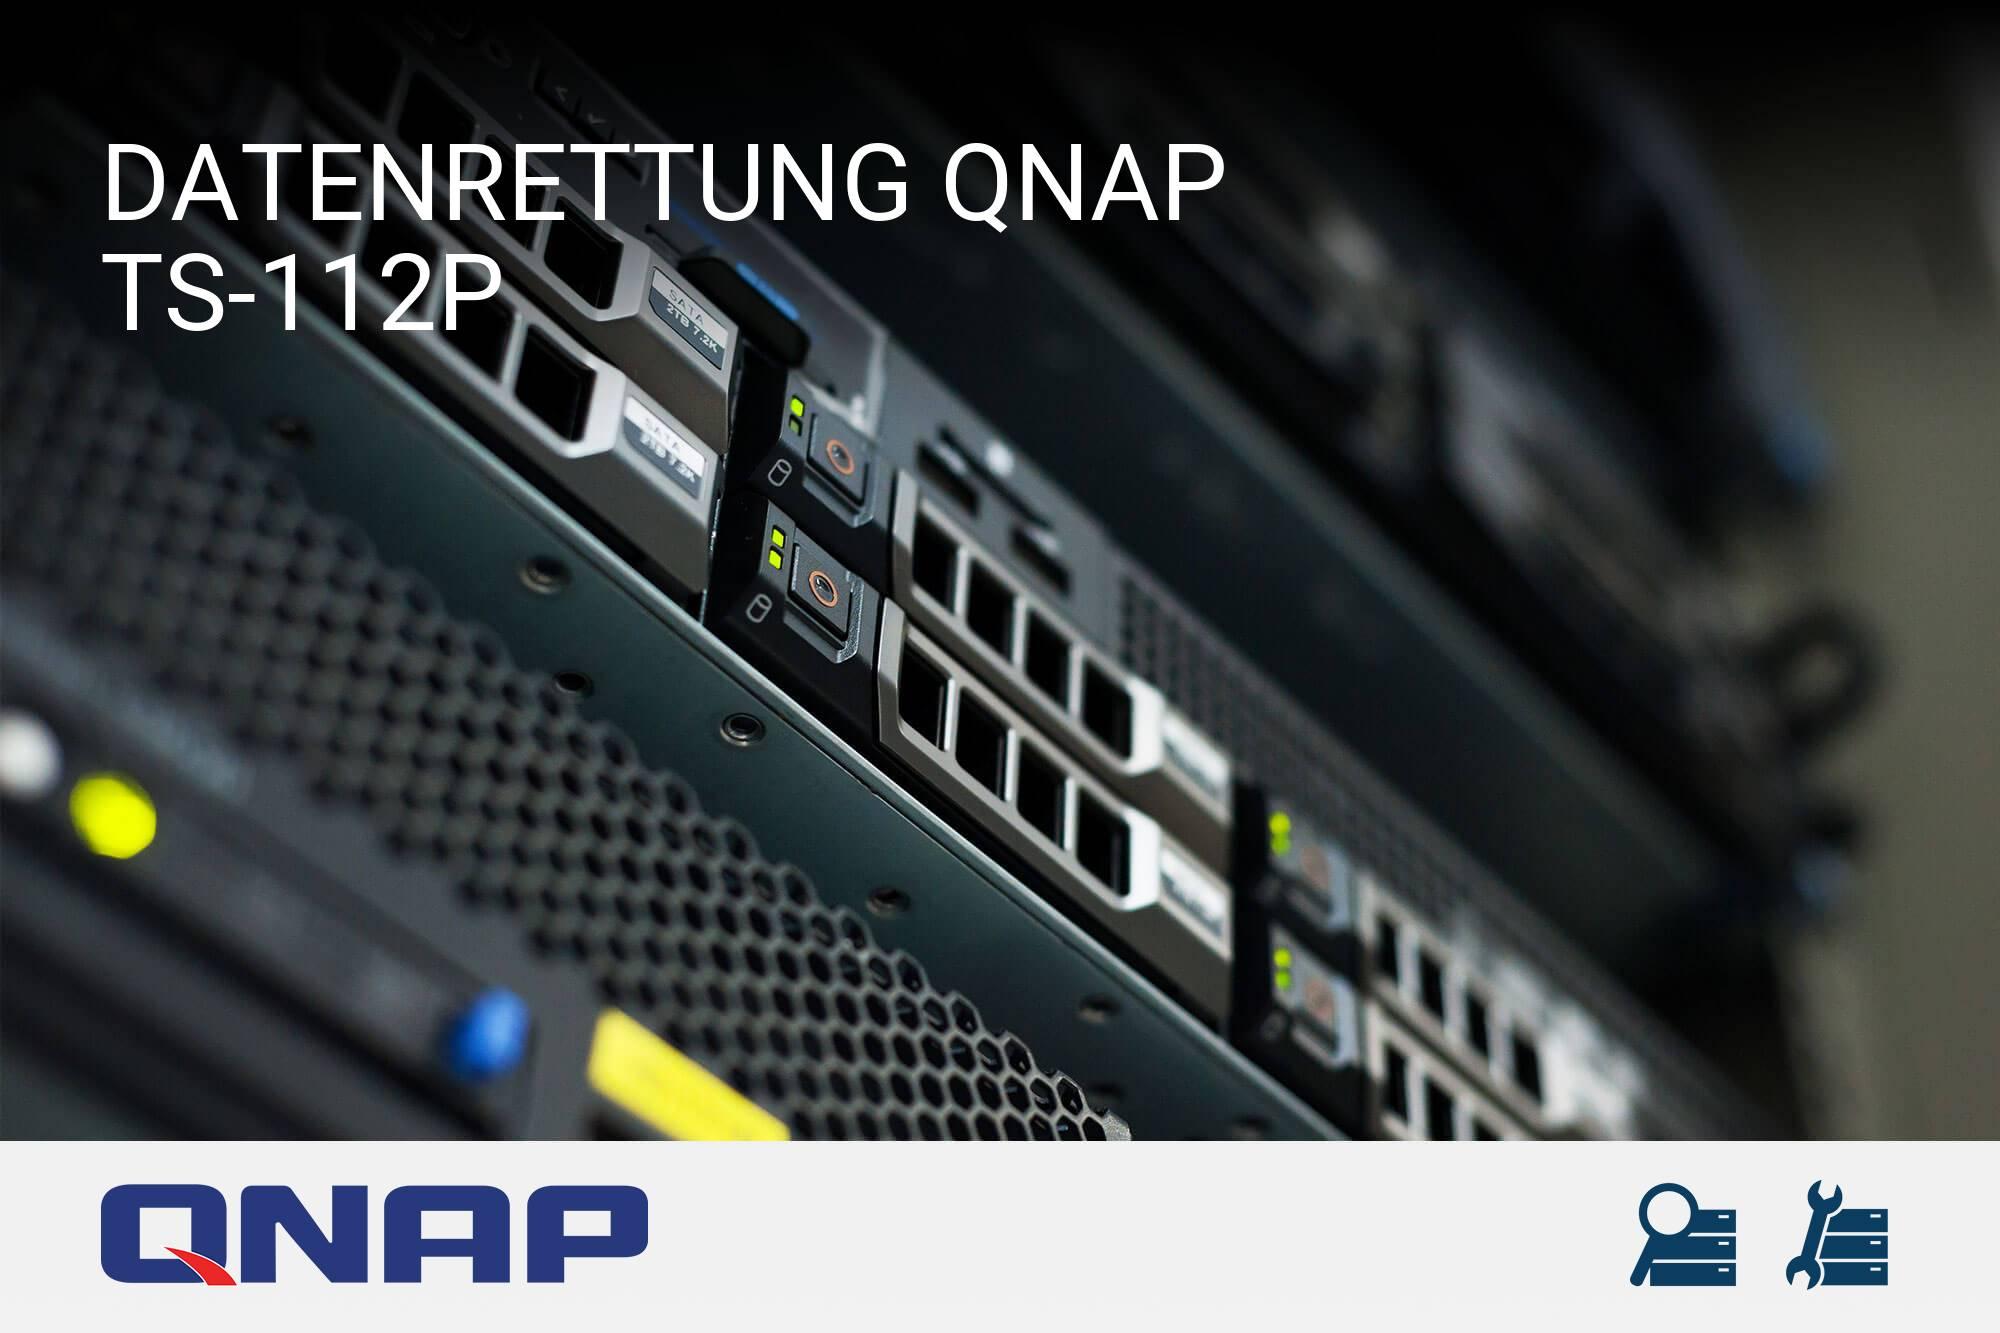 QNAP TS-112P